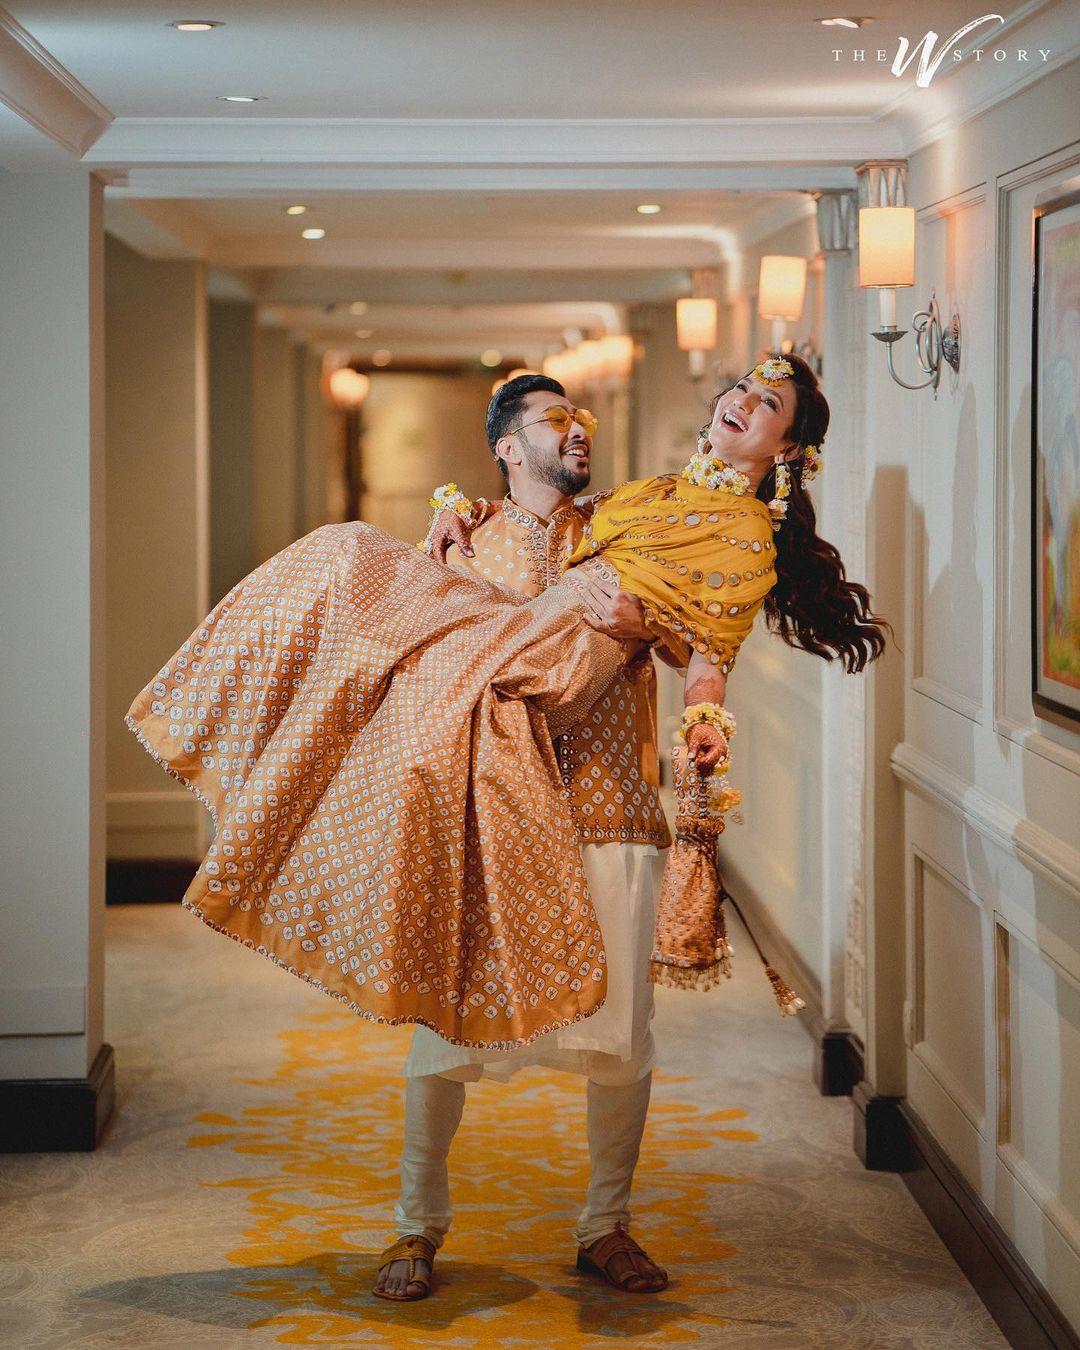 ಗೌಹರ್ ಖಾನ್ ಹಾಗೂ ಜೈದ್ ದರ್ಬಾರ್ ಅವರ ಮೆಹೆಂದಿ ಕಾರ್ಯಕ್ರಮದ ಚಿತ್ರಗಳು